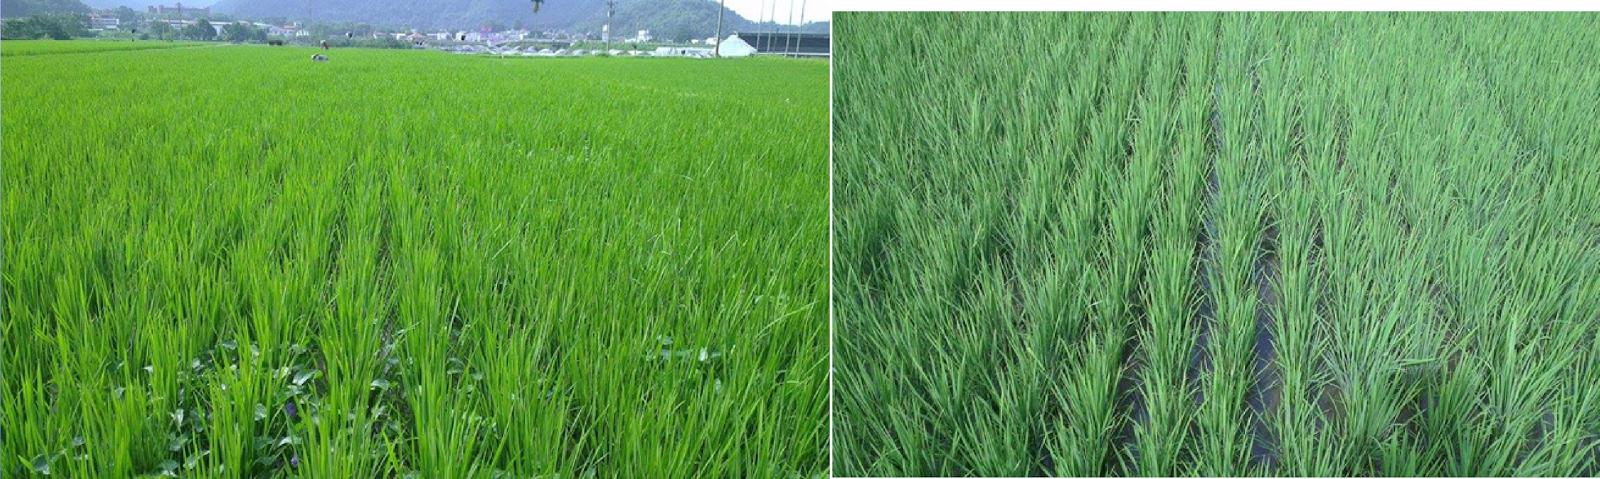 左邊是有長鴨舌草的田區右邊是沒有鴨舌草的田區